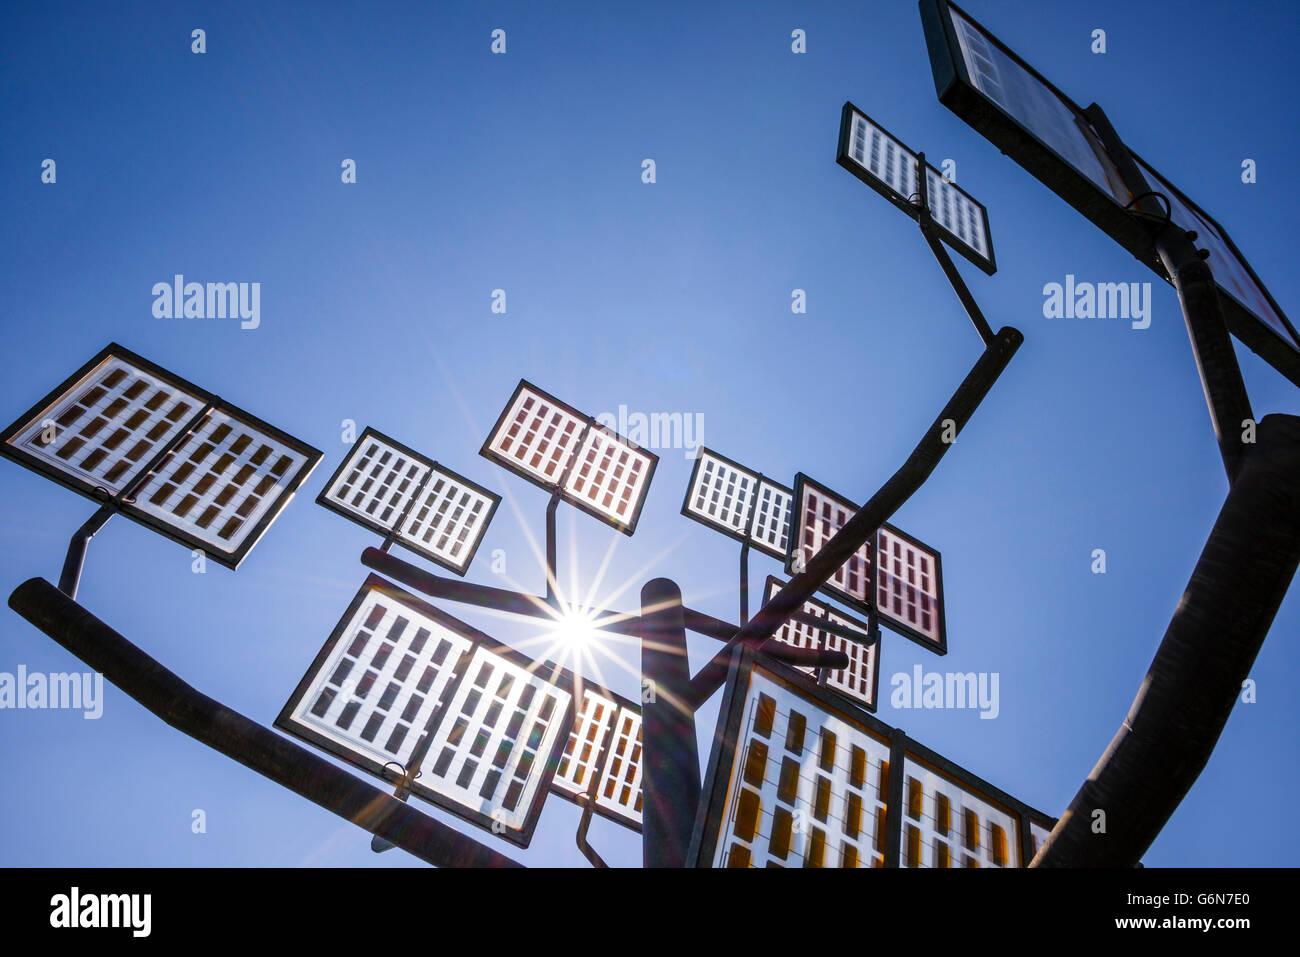 Solar Tree At Solar City Stock Photos & Solar Tree At Solar City